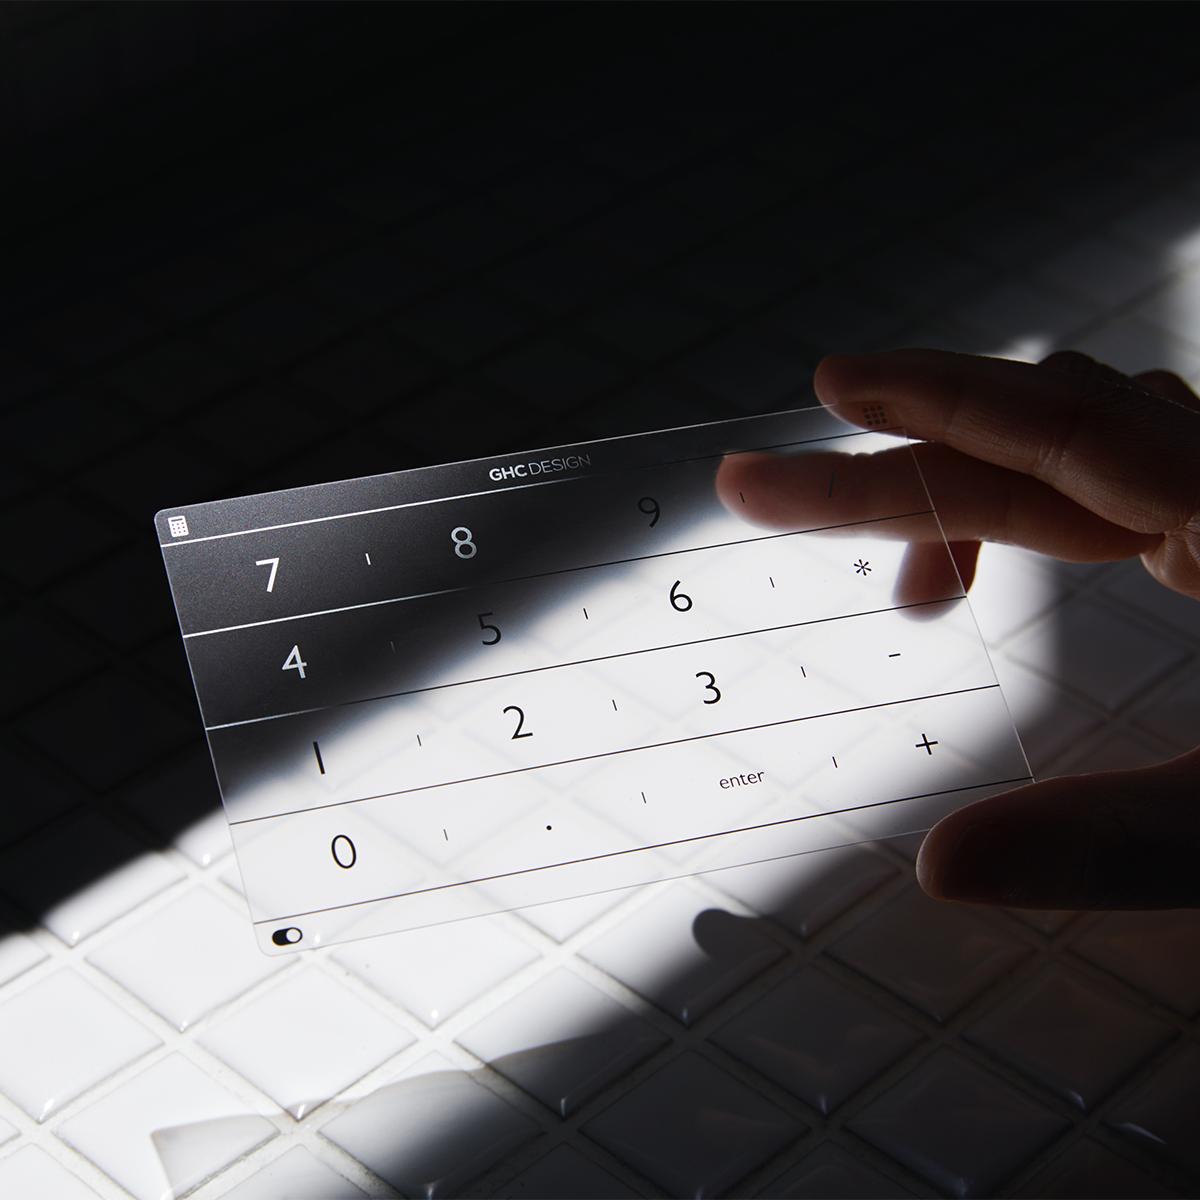 充電不要の「貼るだけテンキー」|ノートパソコンの数字入力がサクサク!指1本でいつものページにもすぐ飛べる「トラックパッドシート(MacBook/Surface対応)」|Nums